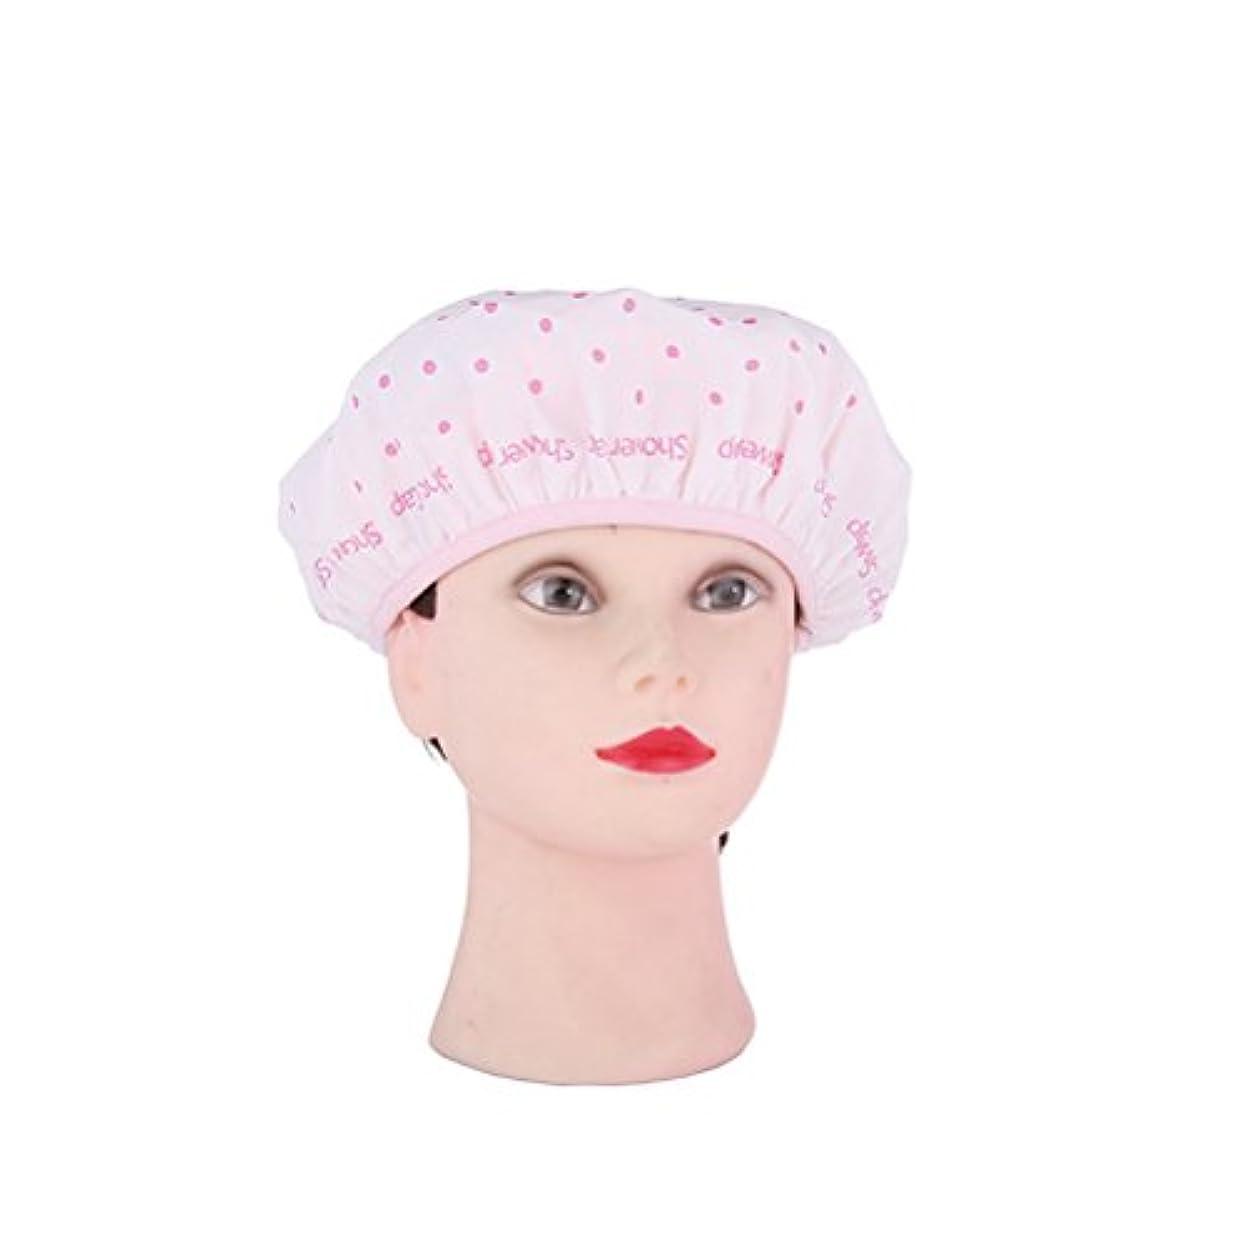 不正レコーダーハンディキャップHEALLILY シャワーの帽子女性の子供のための防水シャワーの帽子のBathのシャワーの毛の帽子